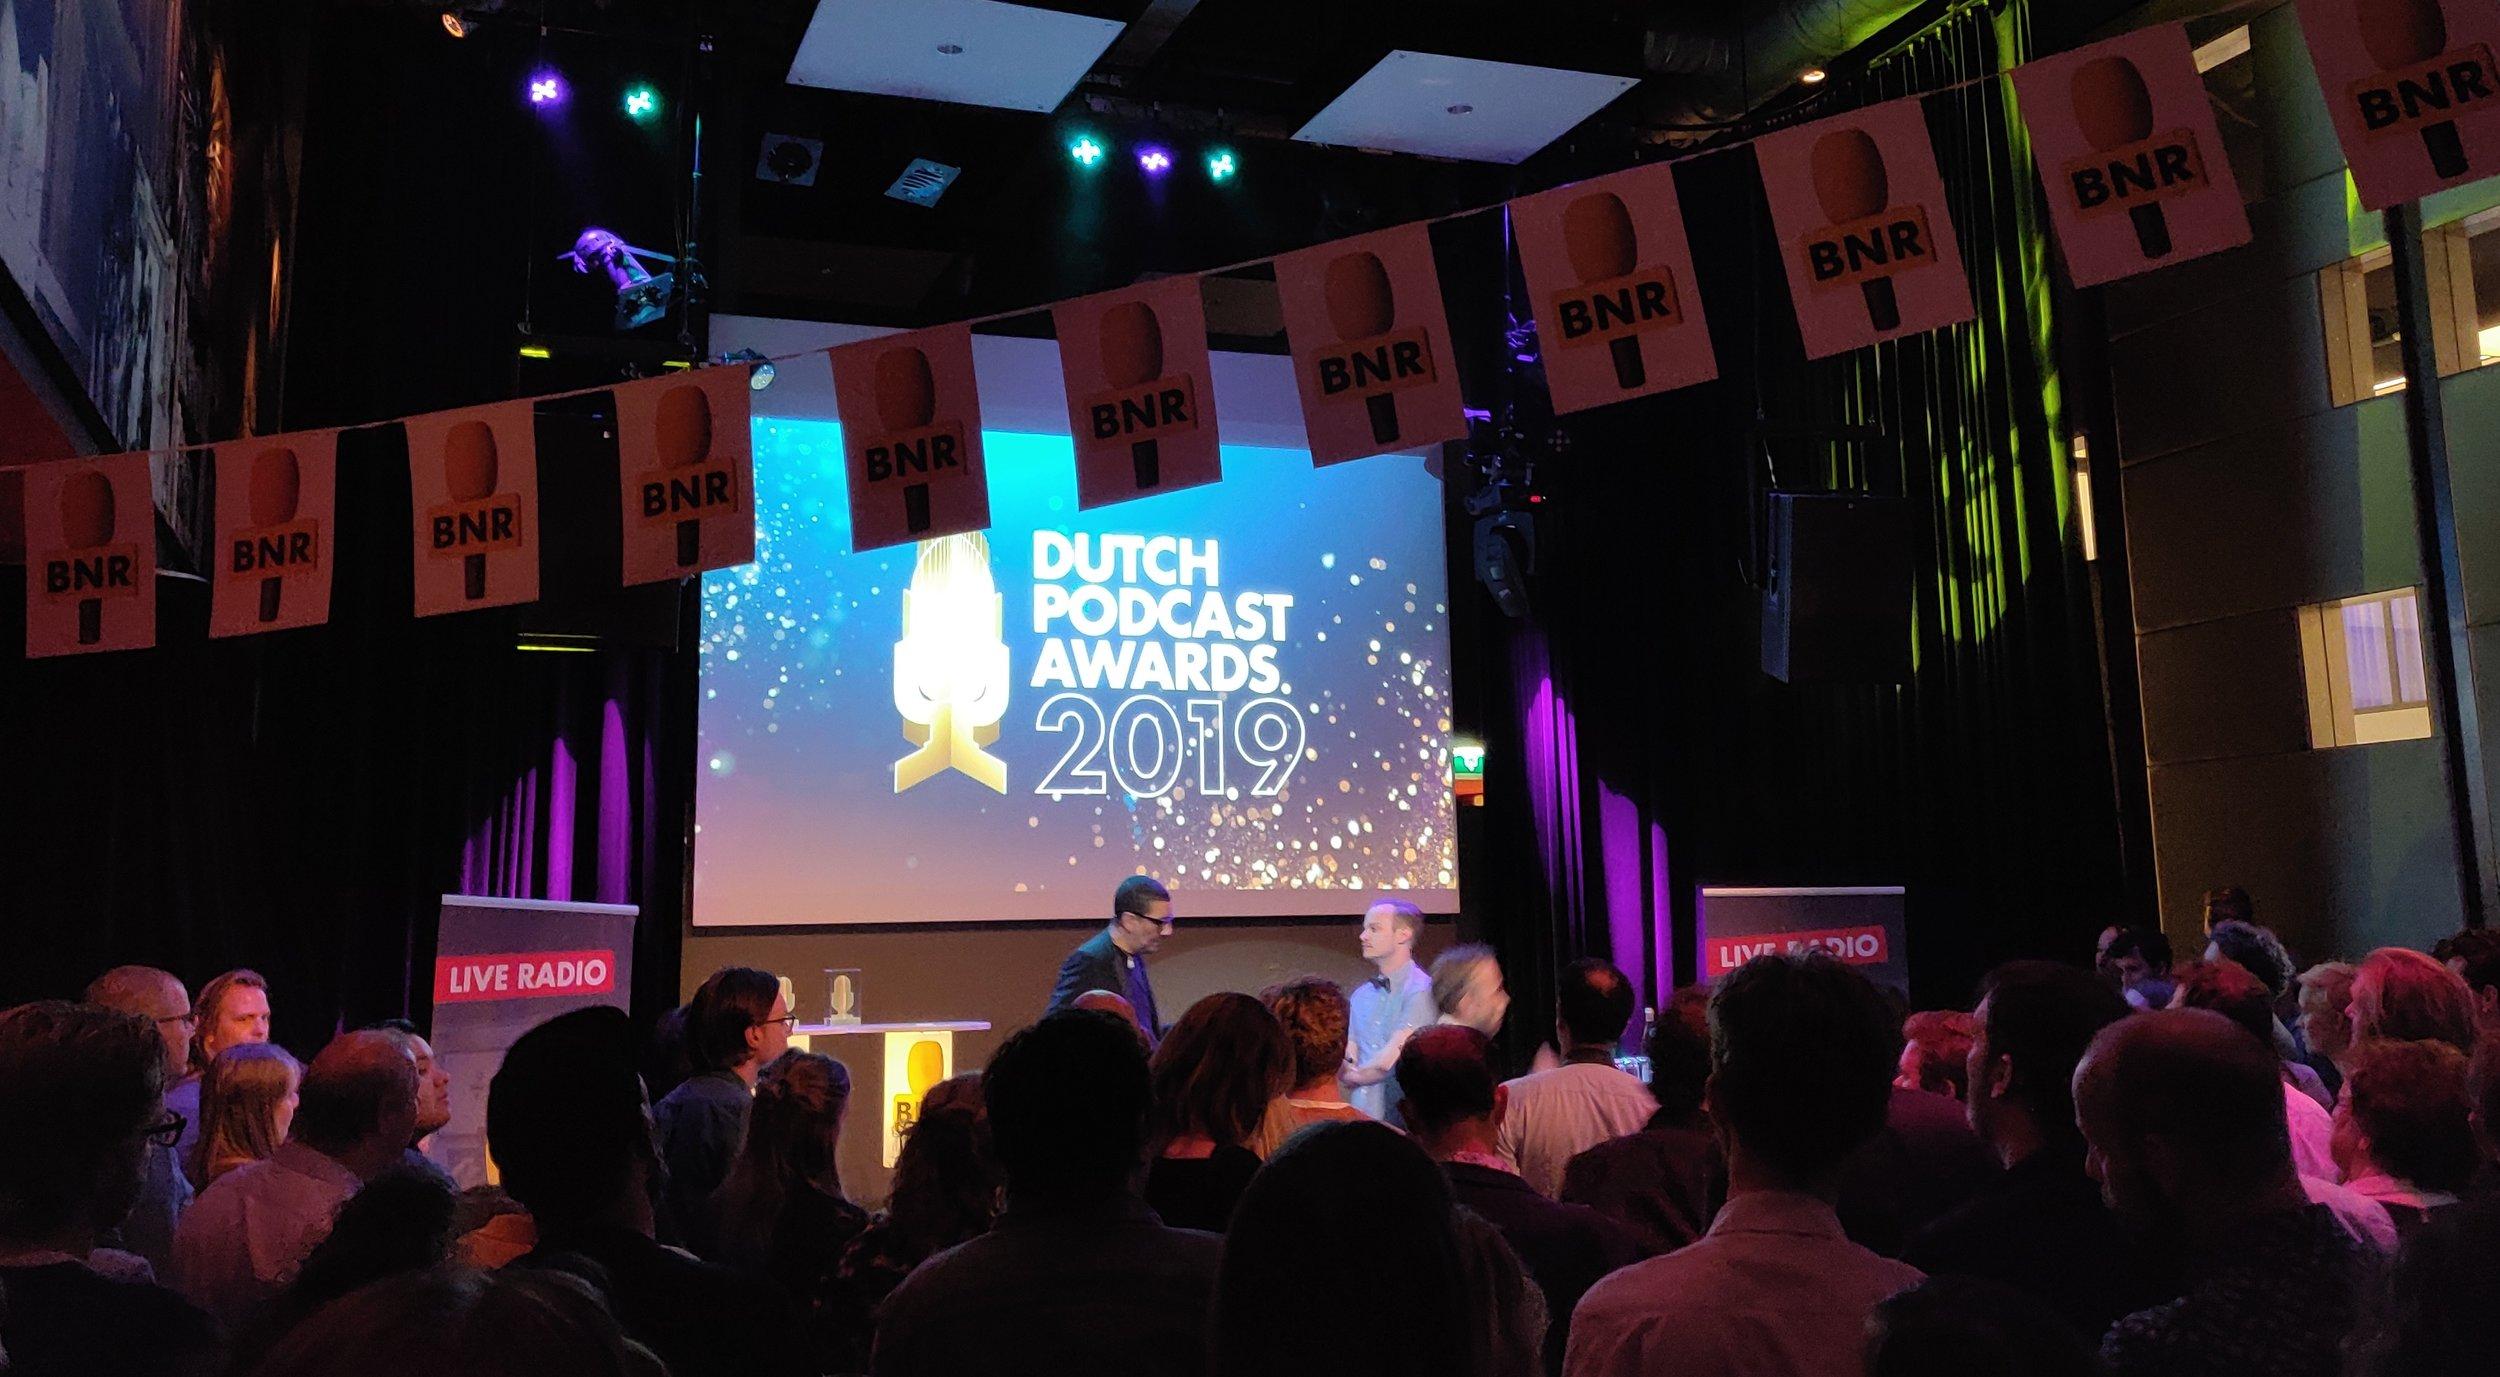 Dutch podcast awards winnaars - Beluister hier de 10 winnaars